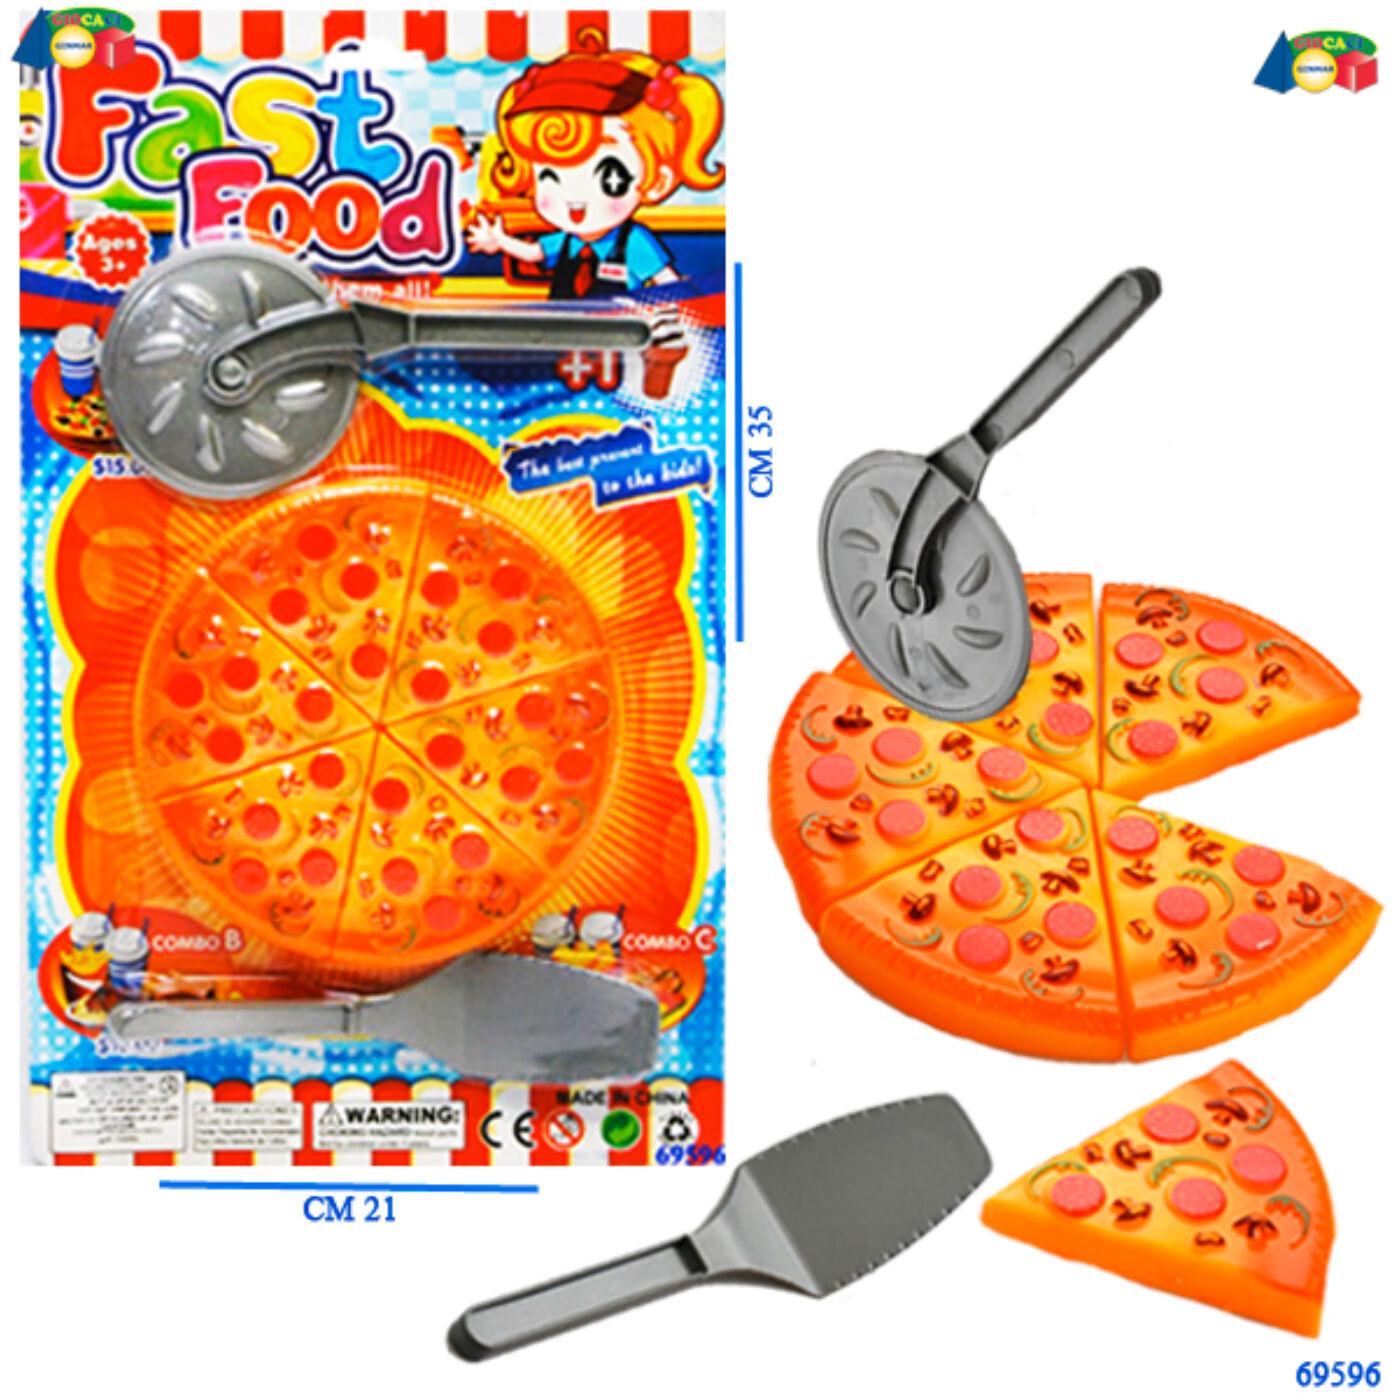 Ételszett-pizza